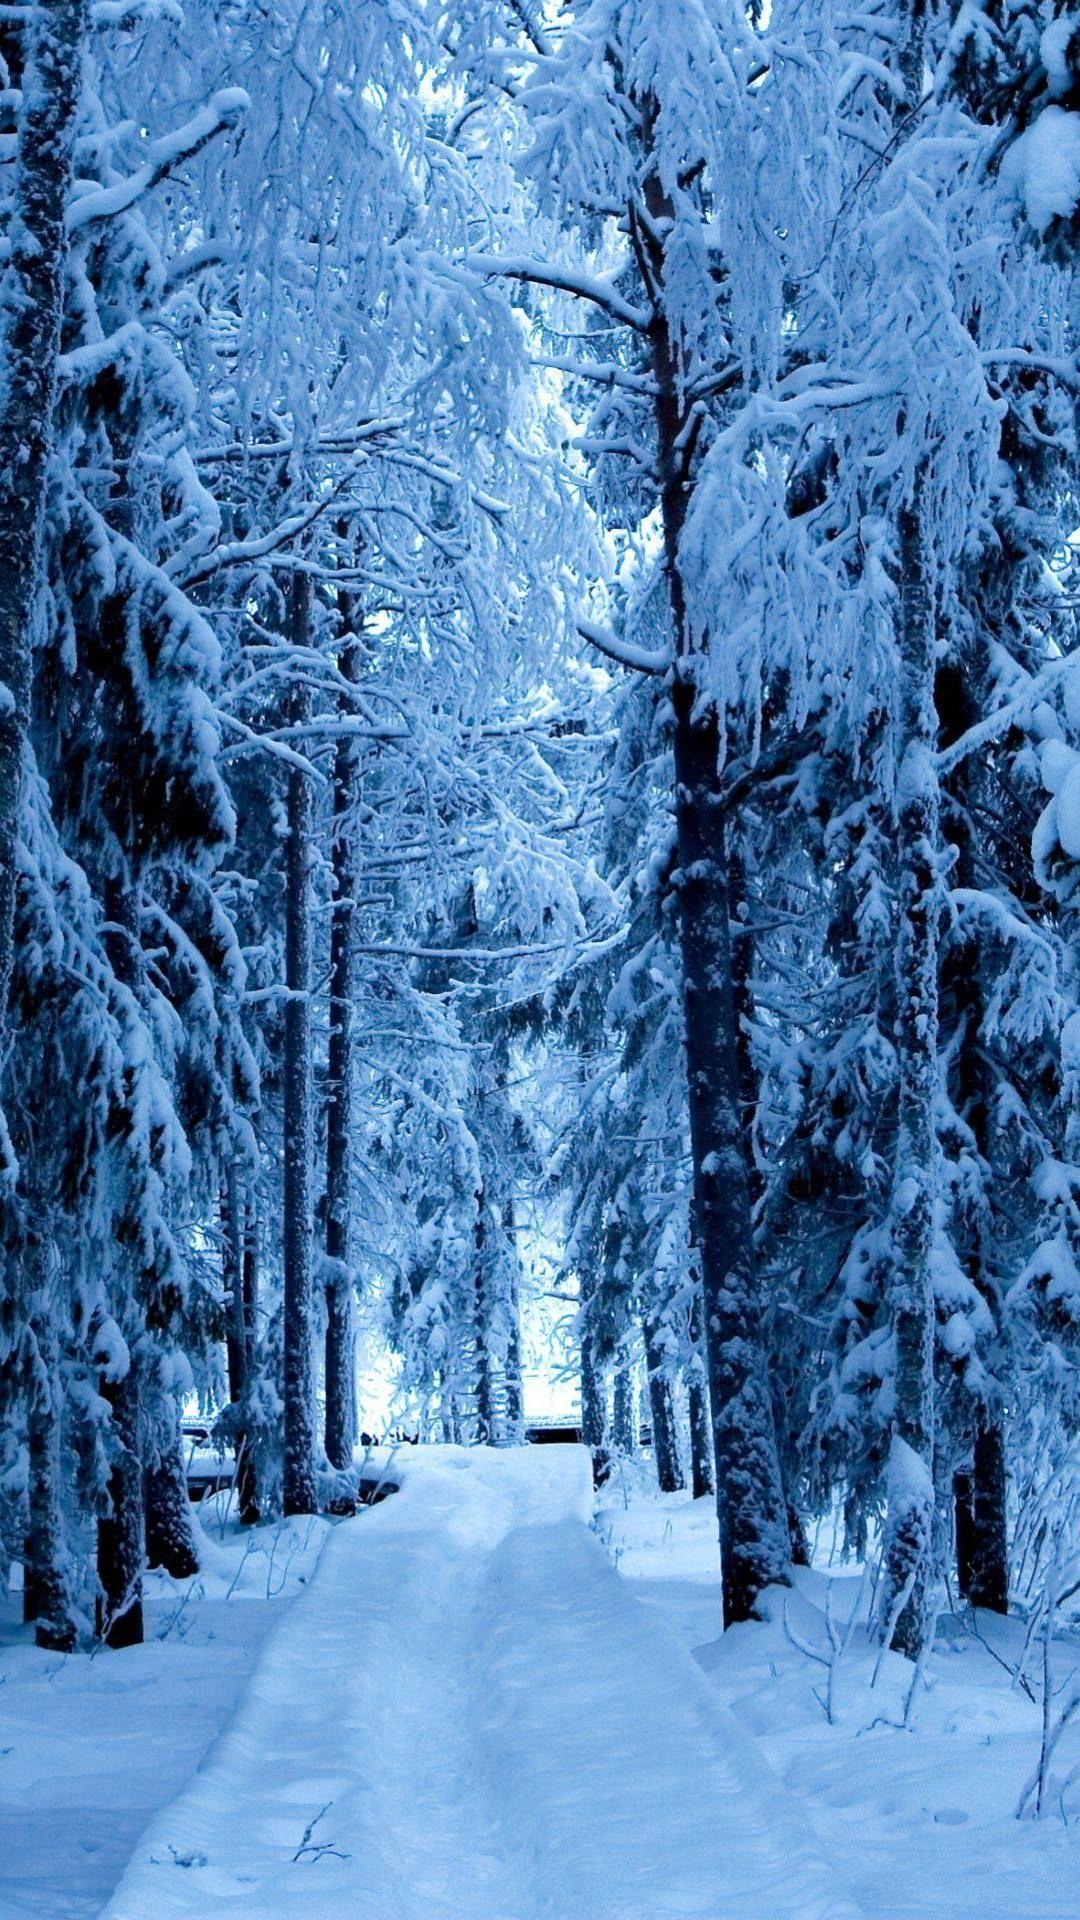 風景並木道雪 スマホ壁紙 iPhone7, スマホ壁紙/待受画像ギャラリー 冬の壁紙, 壁紙 android